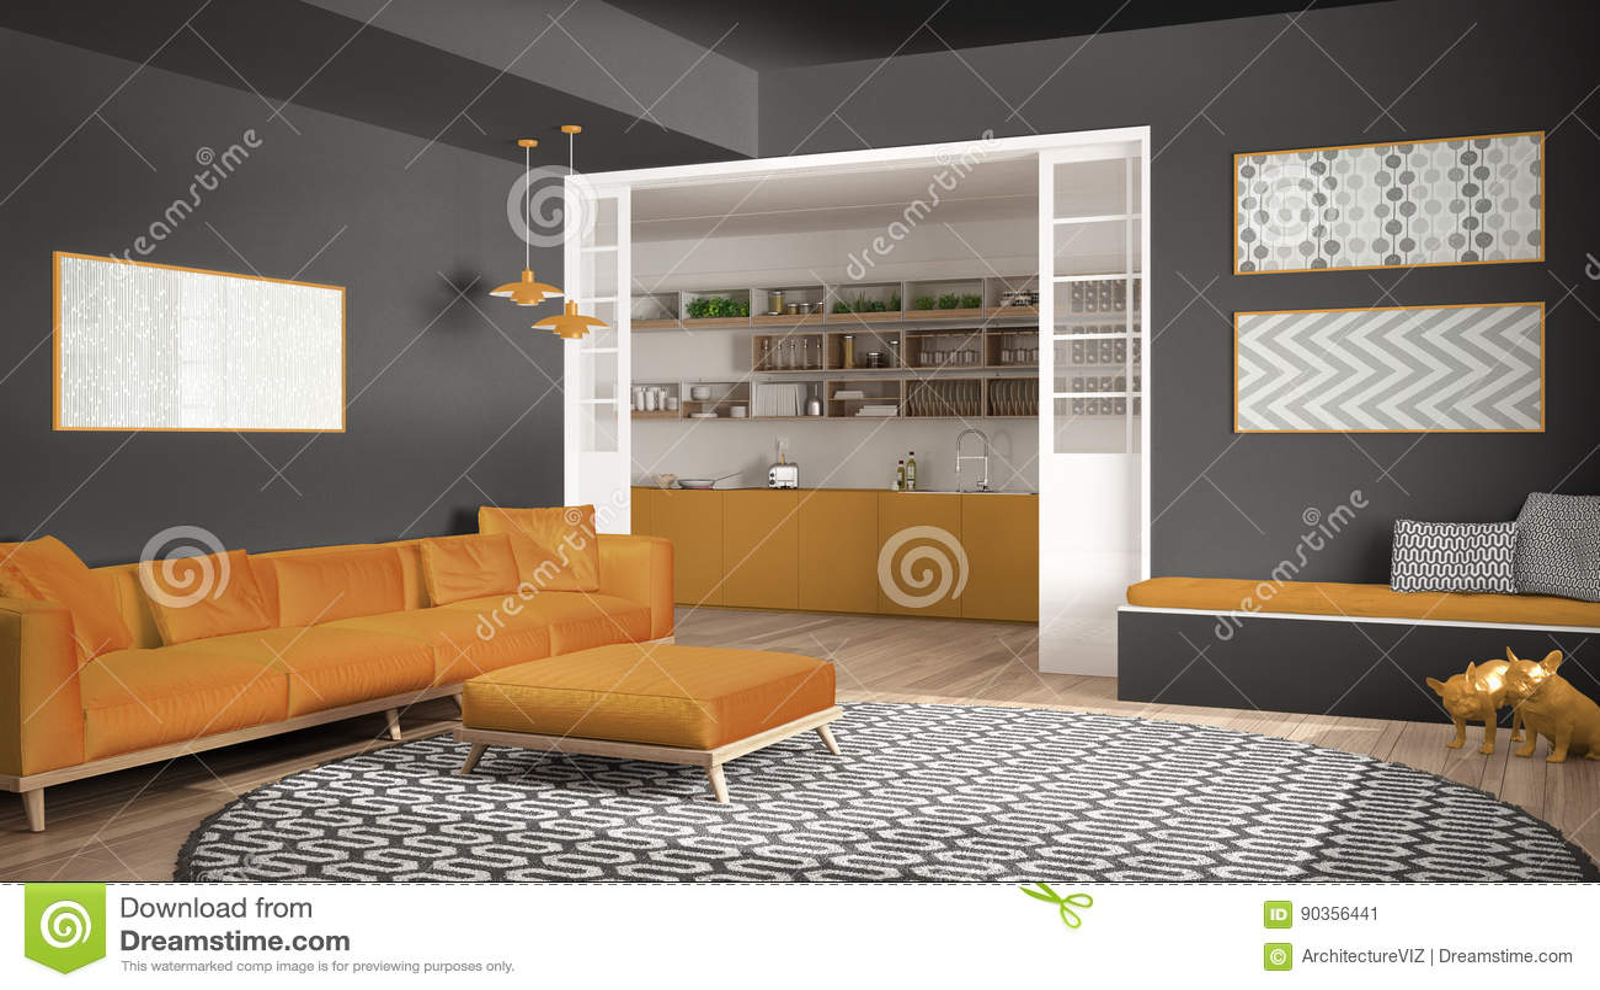 Unbedeutendes Wohnzimmer Mit Sofa, Großem Rundem Teppich Und Küche I